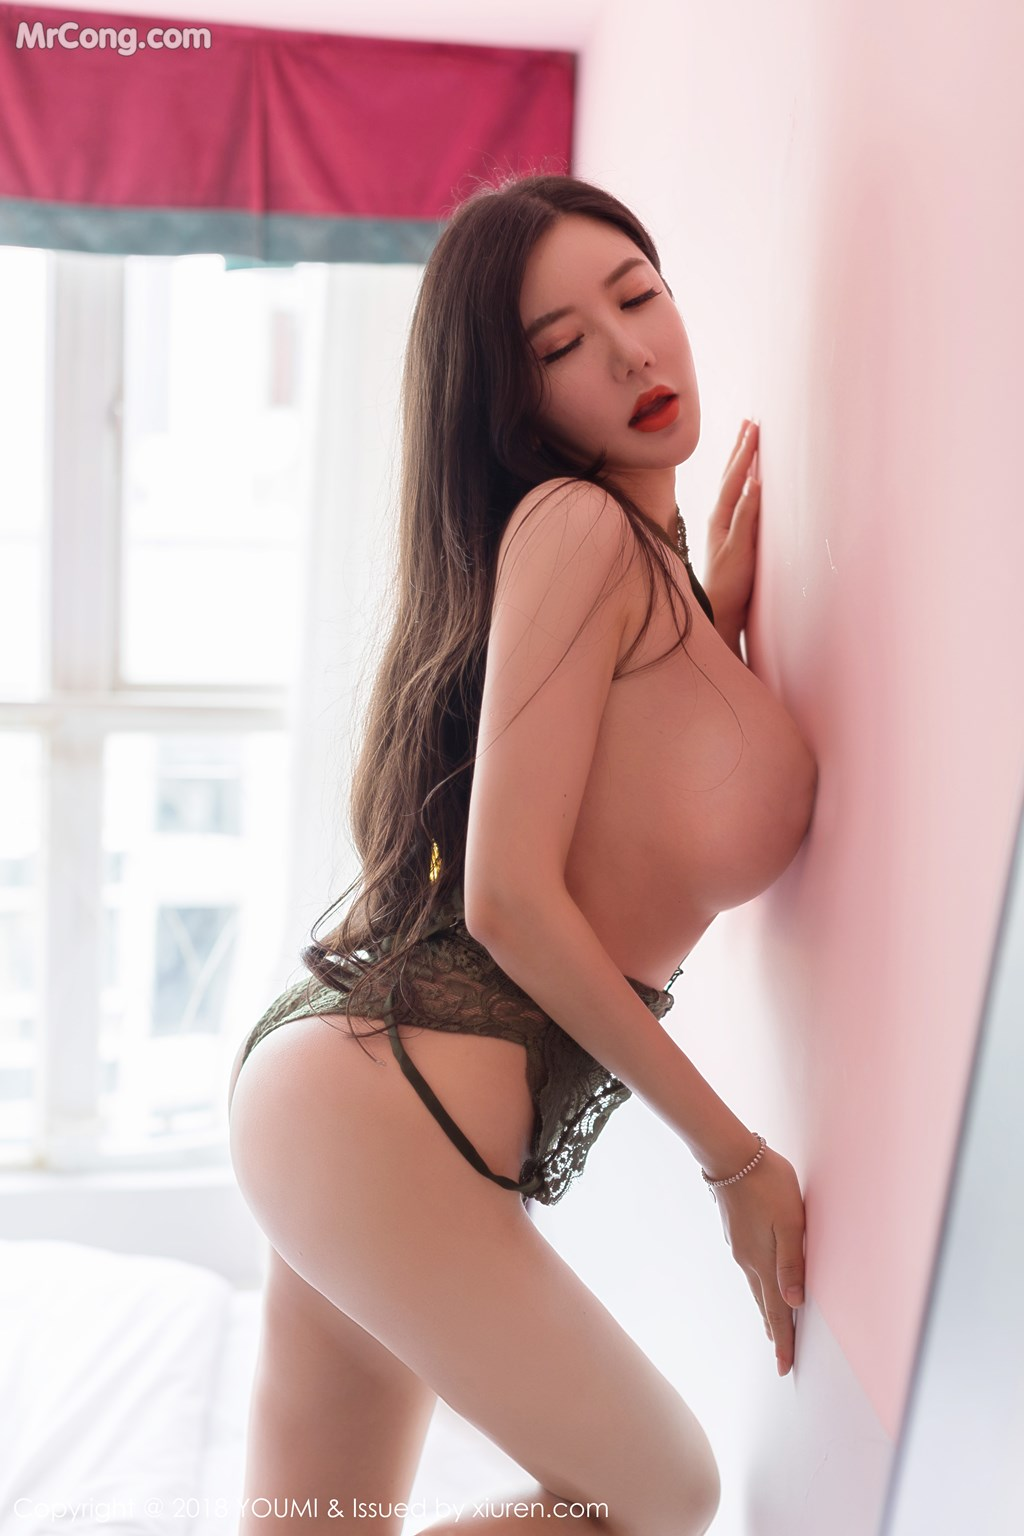 Image YouMi-Vol.214-MrCong.com-010 in post YouMi Vol.214: Người mẫu 心妍小公主 (51 ảnh)